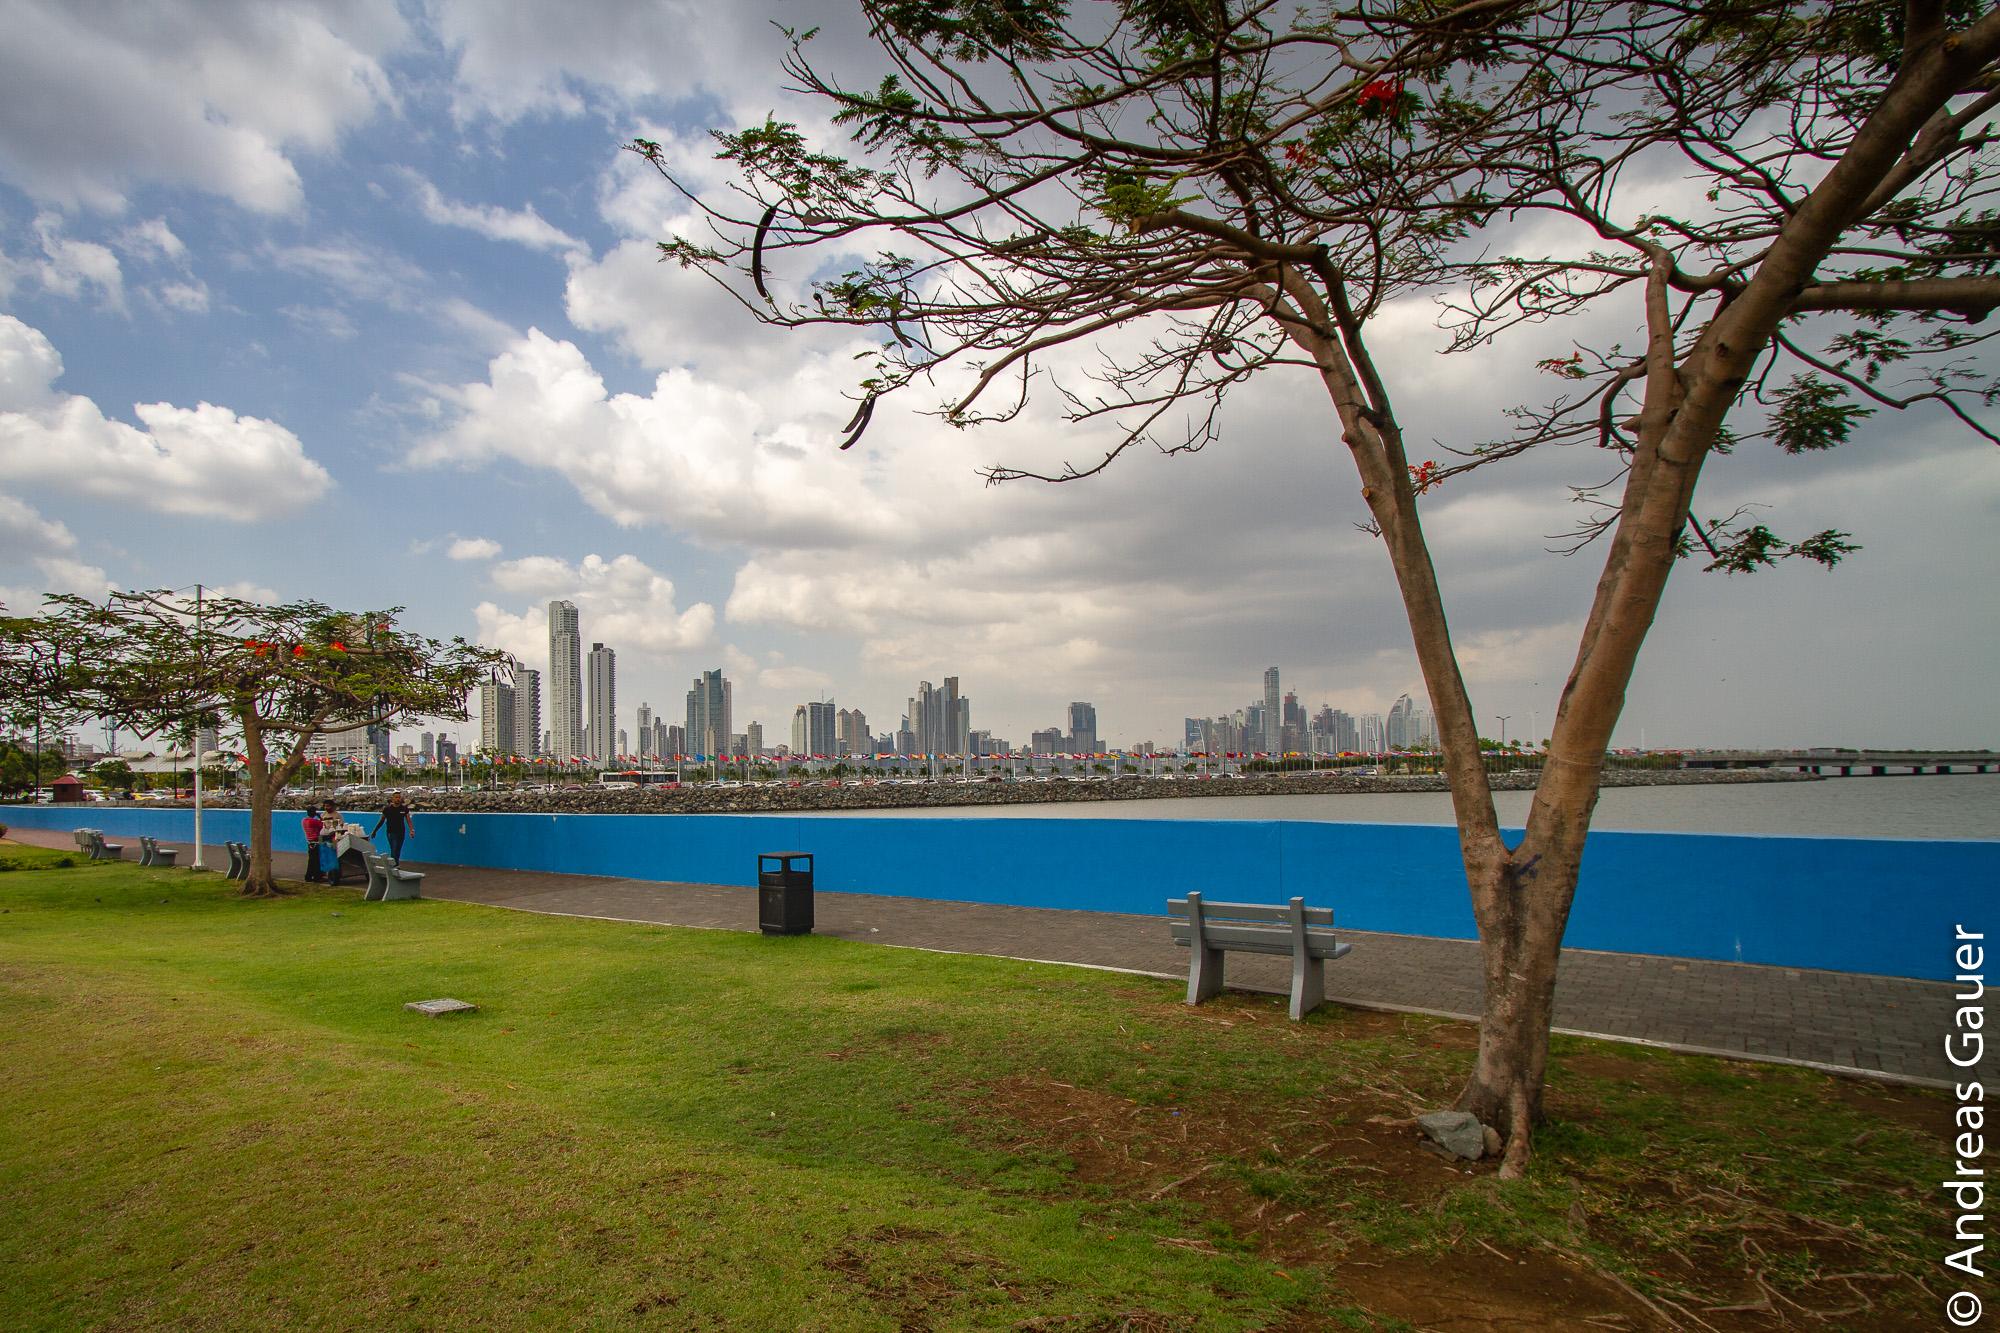 Panama_0319-02